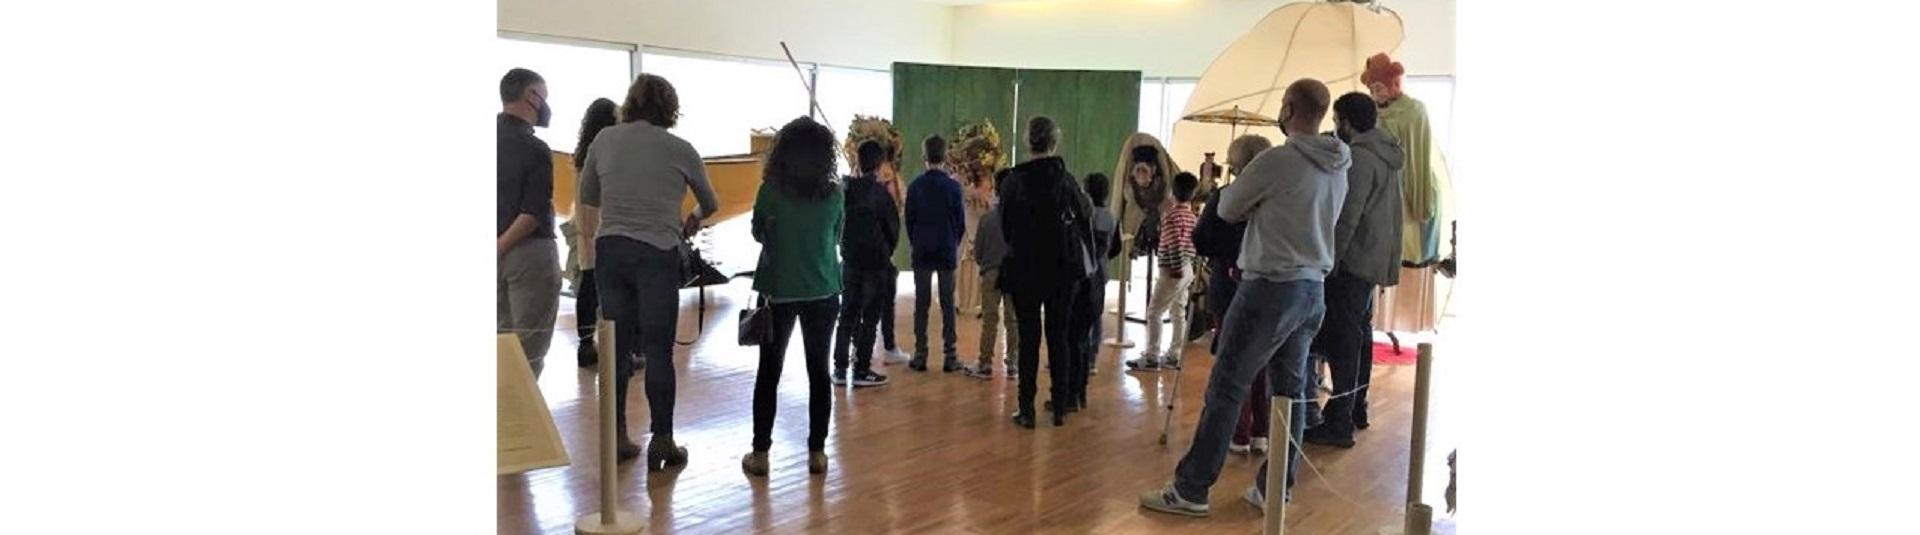 Companhia Boca de Cão com nova exposição, visitas animadas e outras atividades